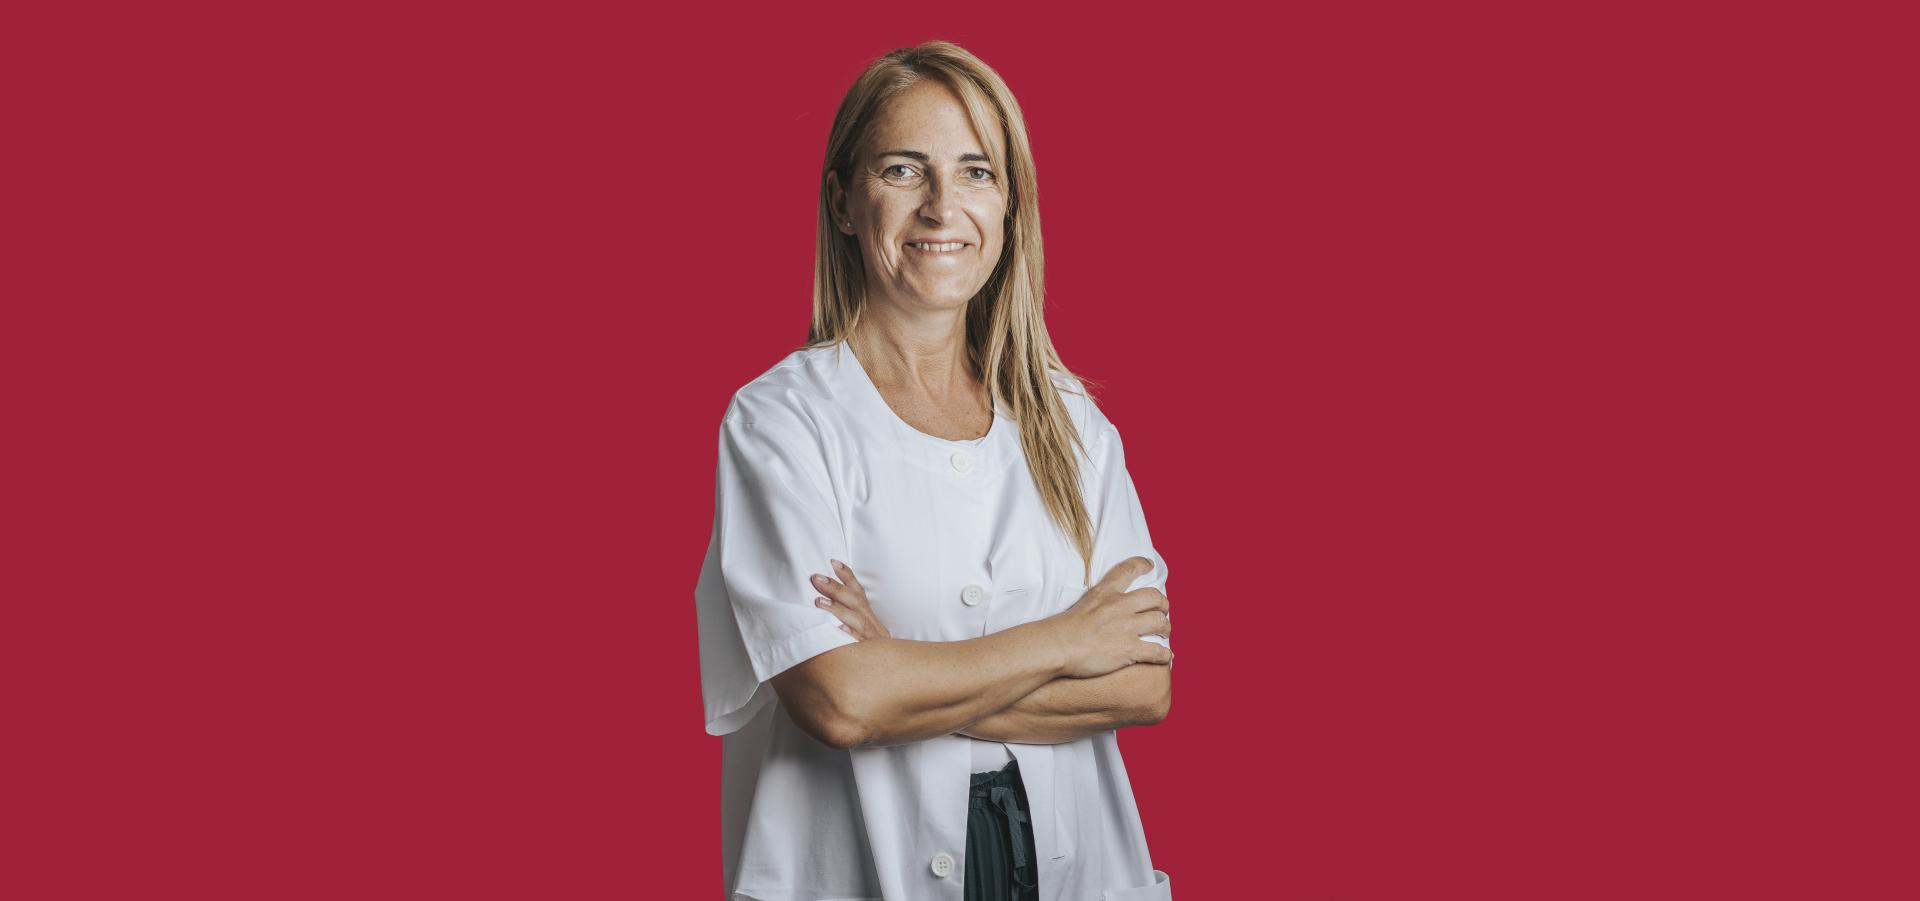 Dra. Maria de Lis Fernández Suárez